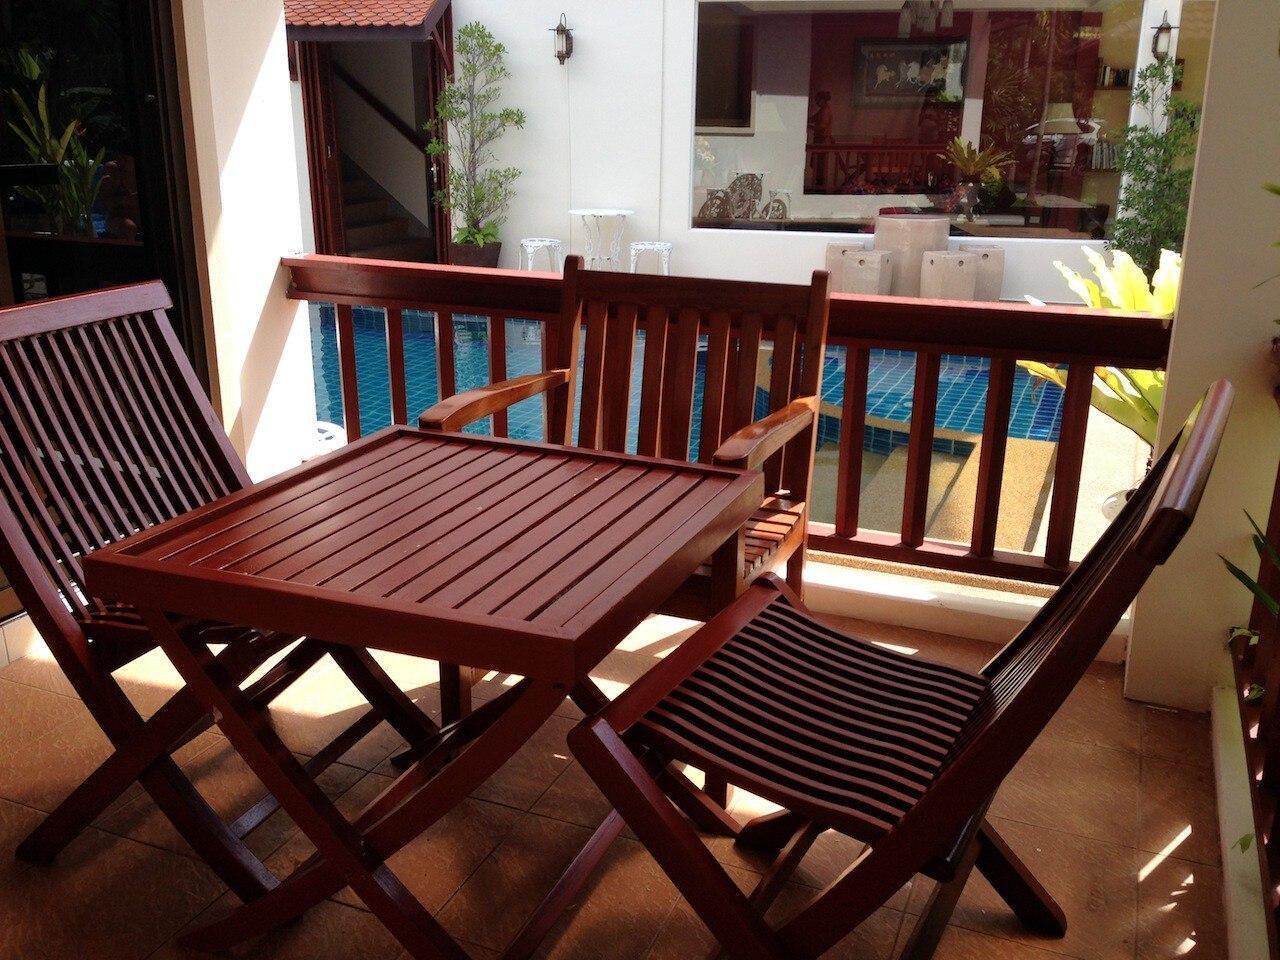 2 bedroom house in Kata Noi beach บ้านเดี่ยว 2 ห้องนอน 1 ห้องน้ำส่วนตัว ขนาด 80 ตร.ม. – กะตะ